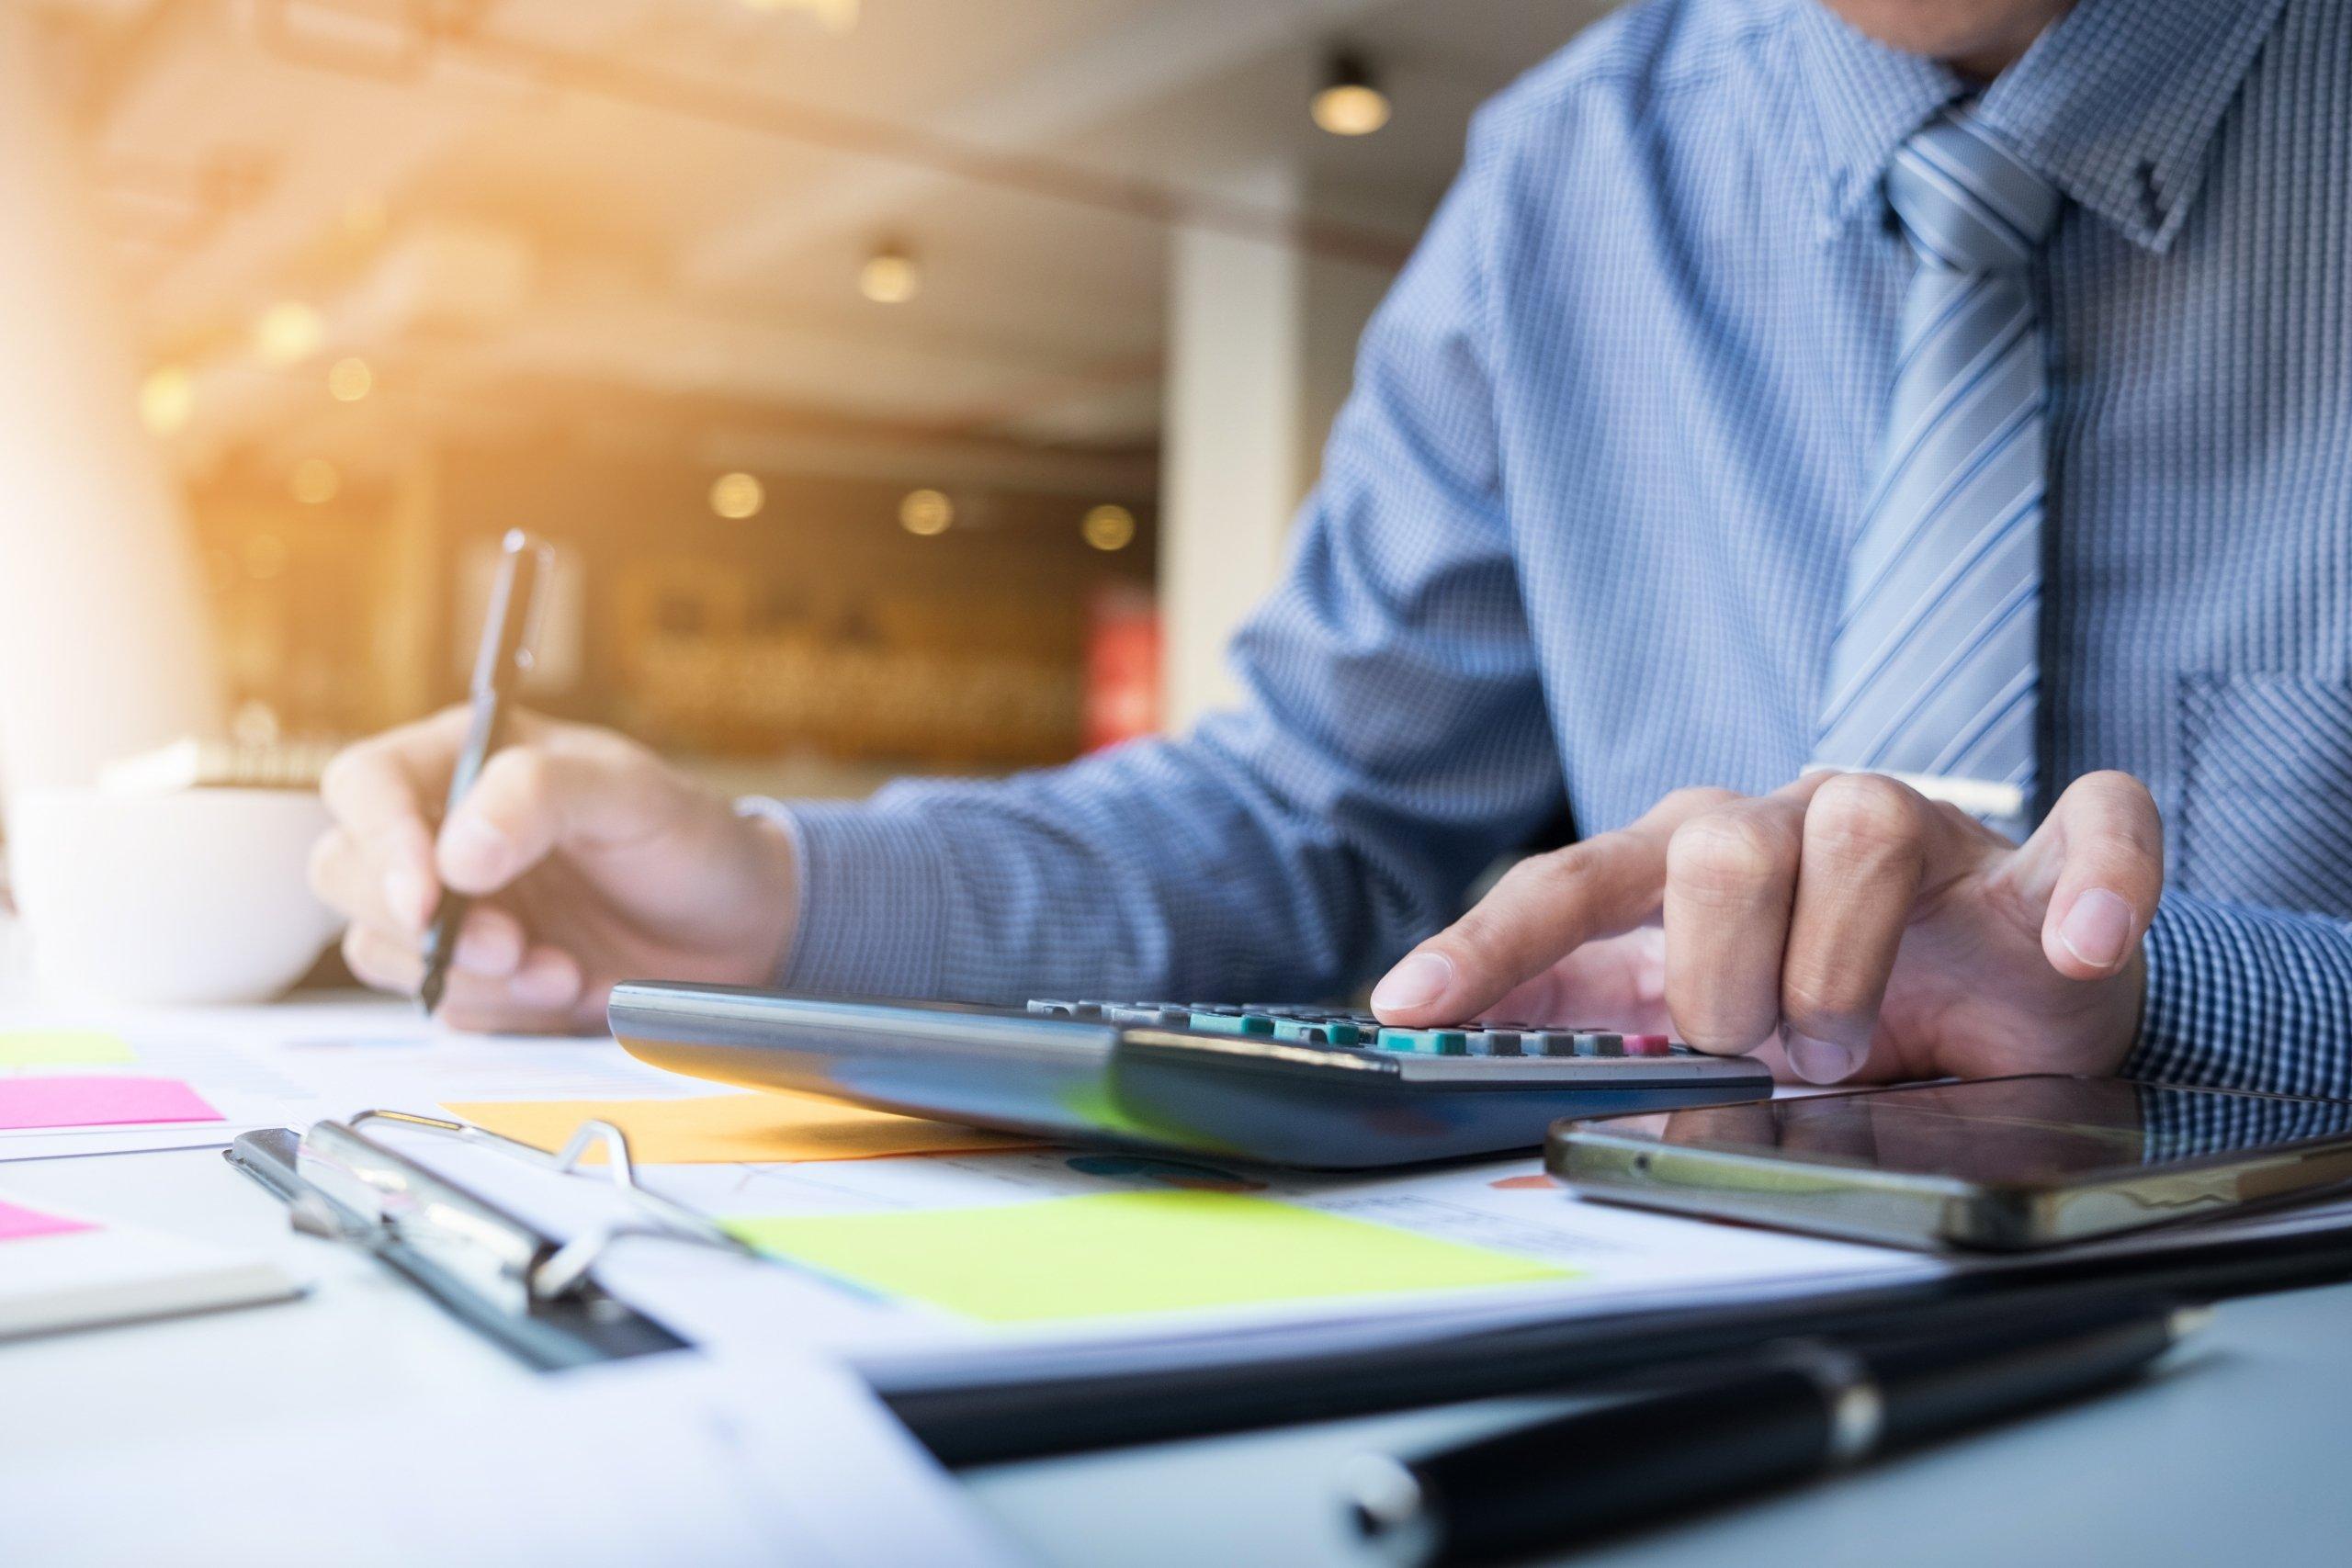 Persona haciendo cuentas con calculadora para el informe de evaluación